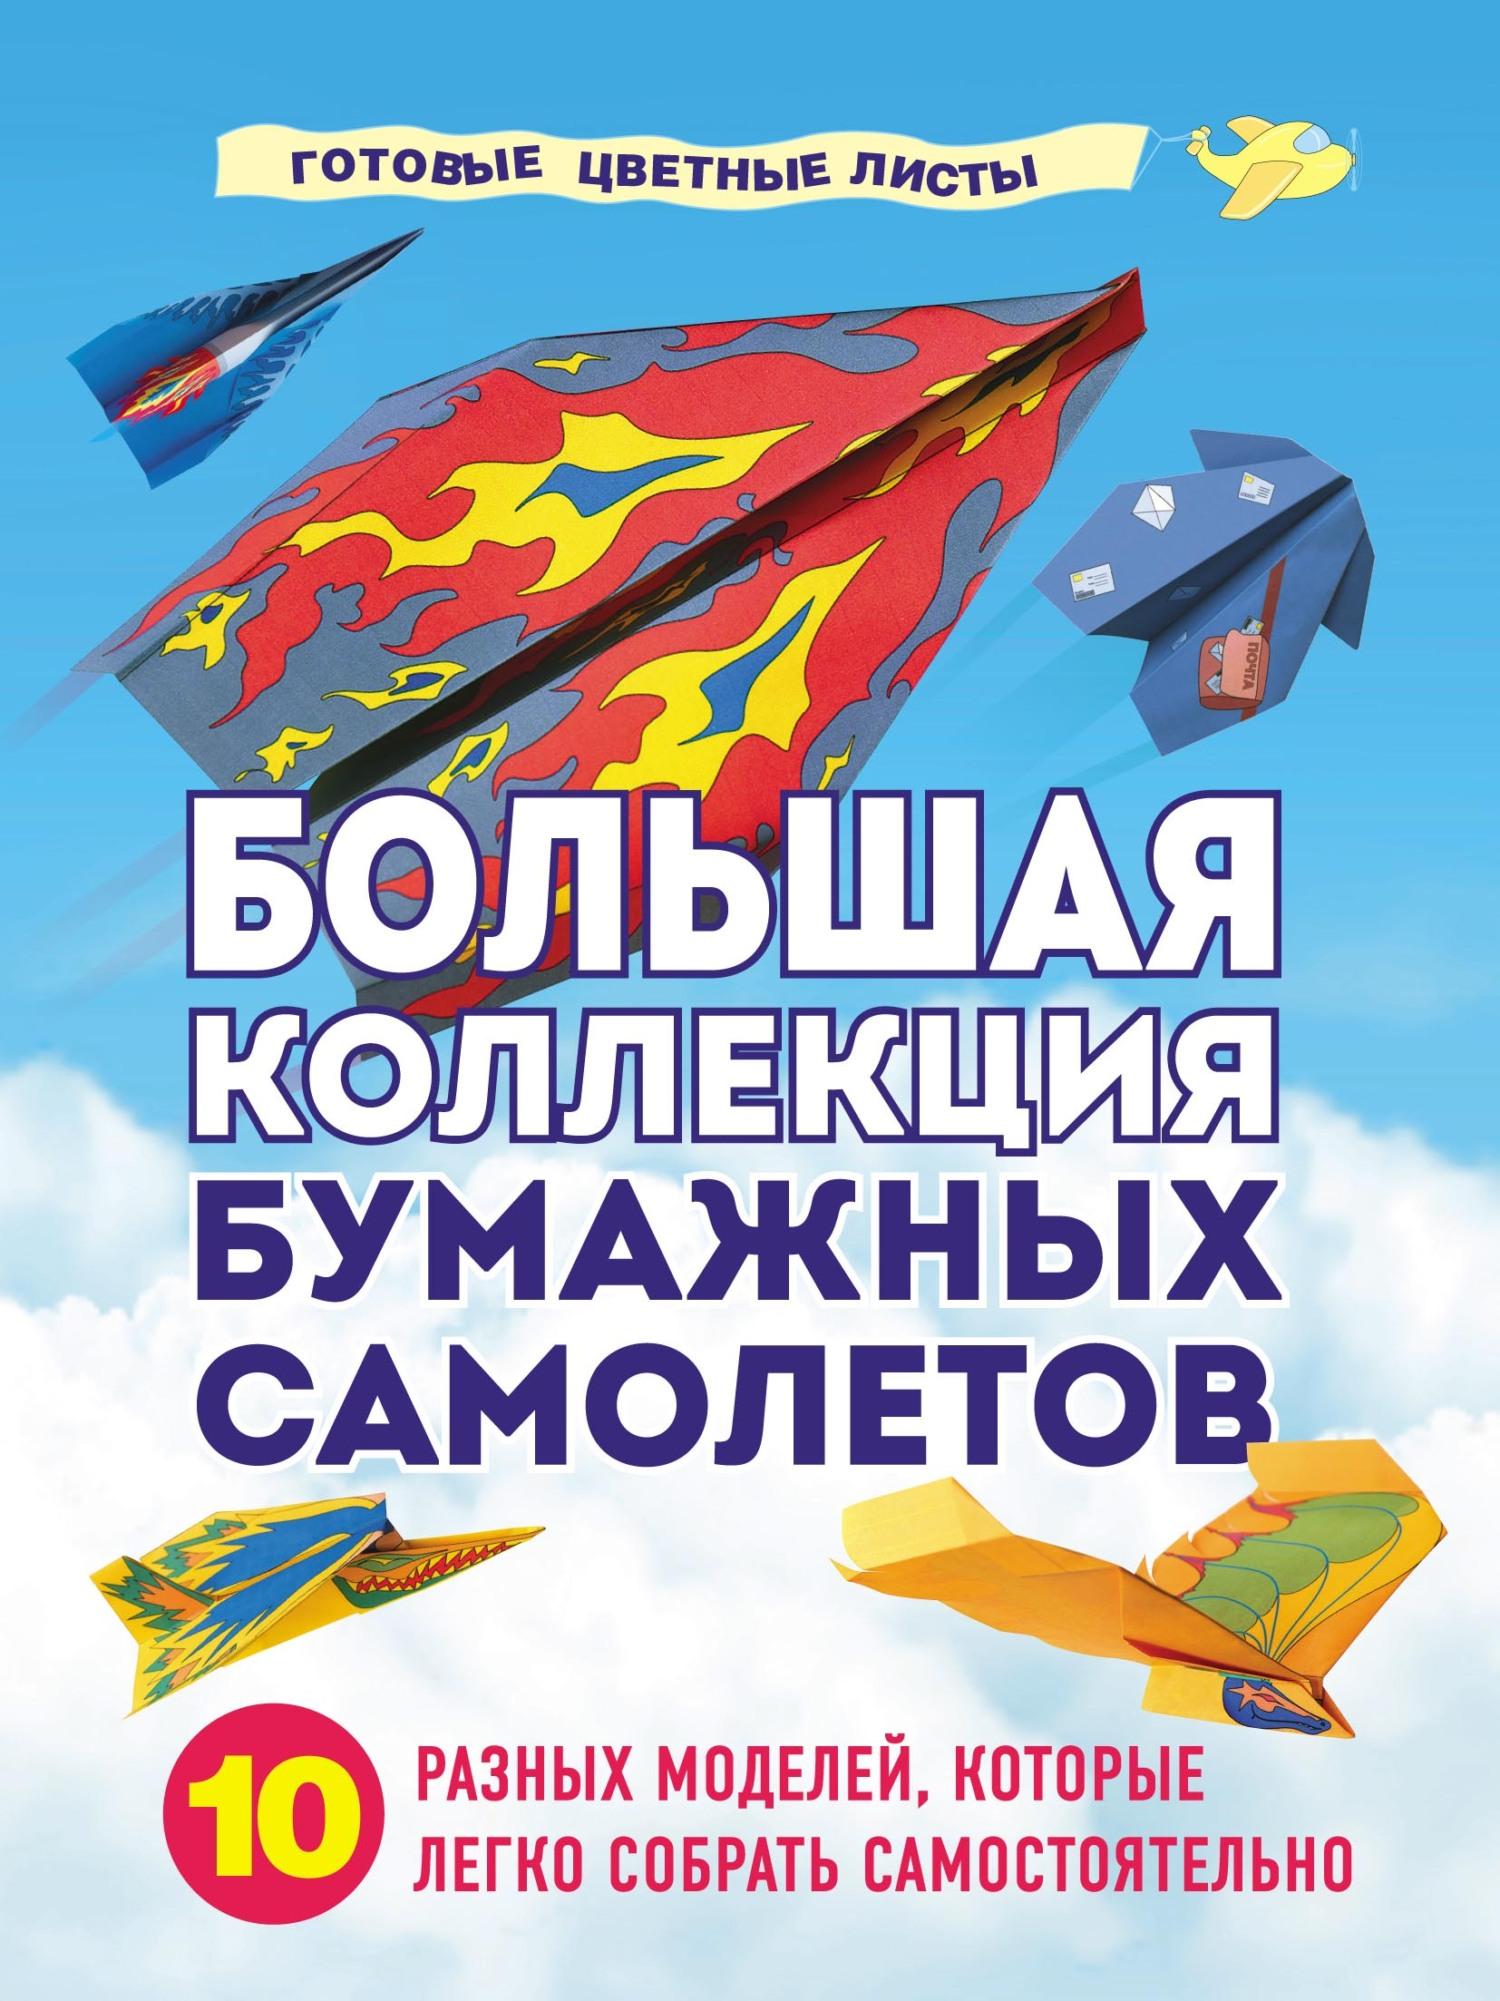 Анна Зайцева Бумажные авиамодели анна владиславовна бушаиба ты тоже сможешь советы репетитору иностранного языка